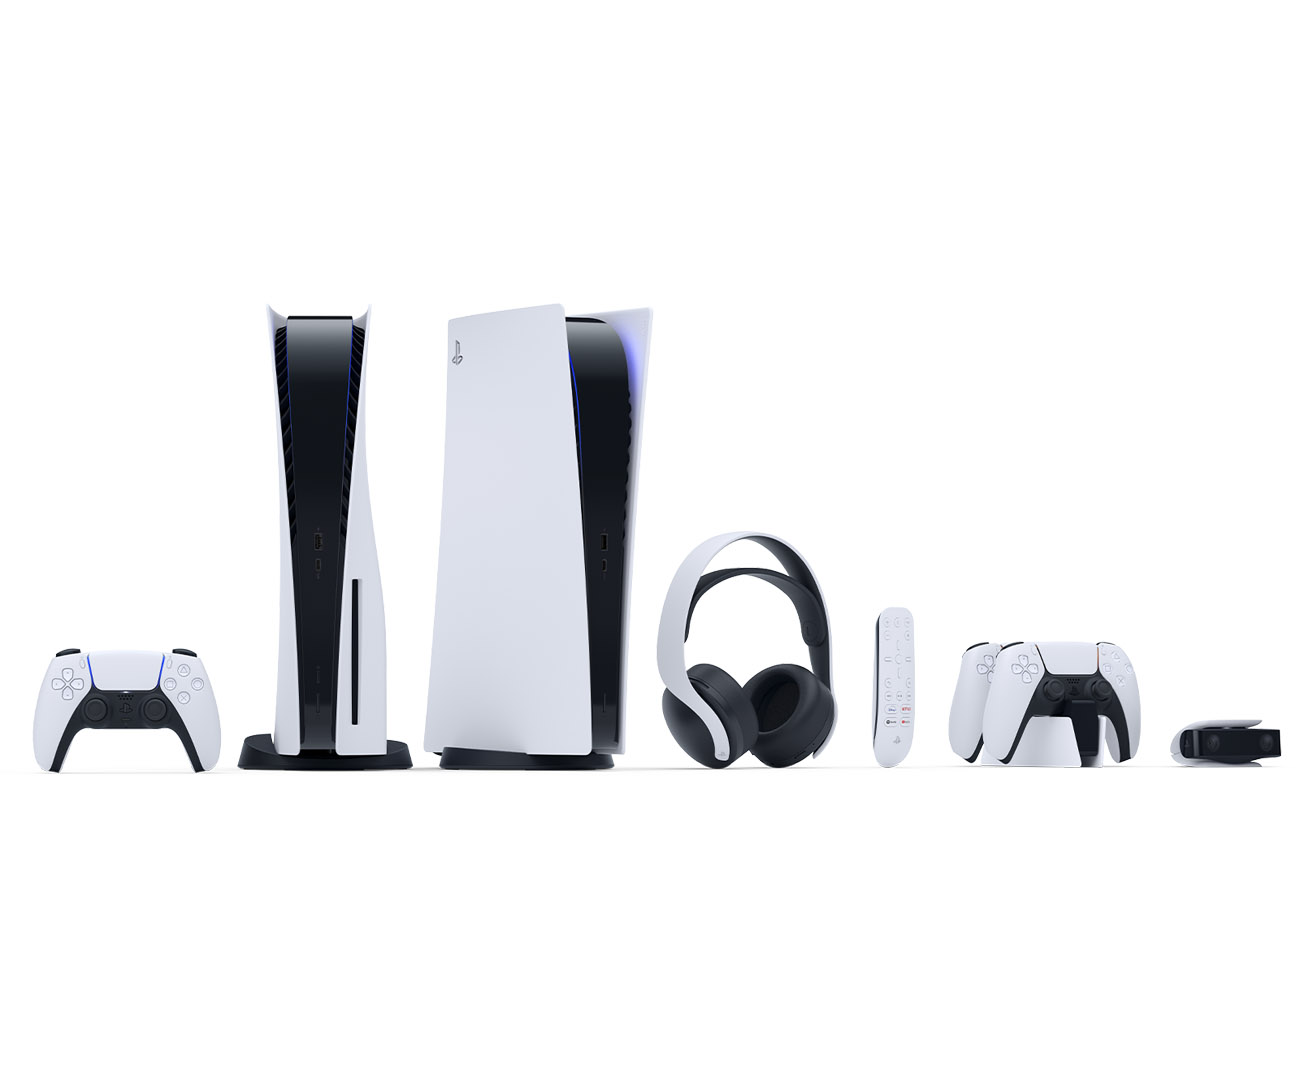 Generacja PS5 i Xbox Series. 10 lat z tymi konsolami?